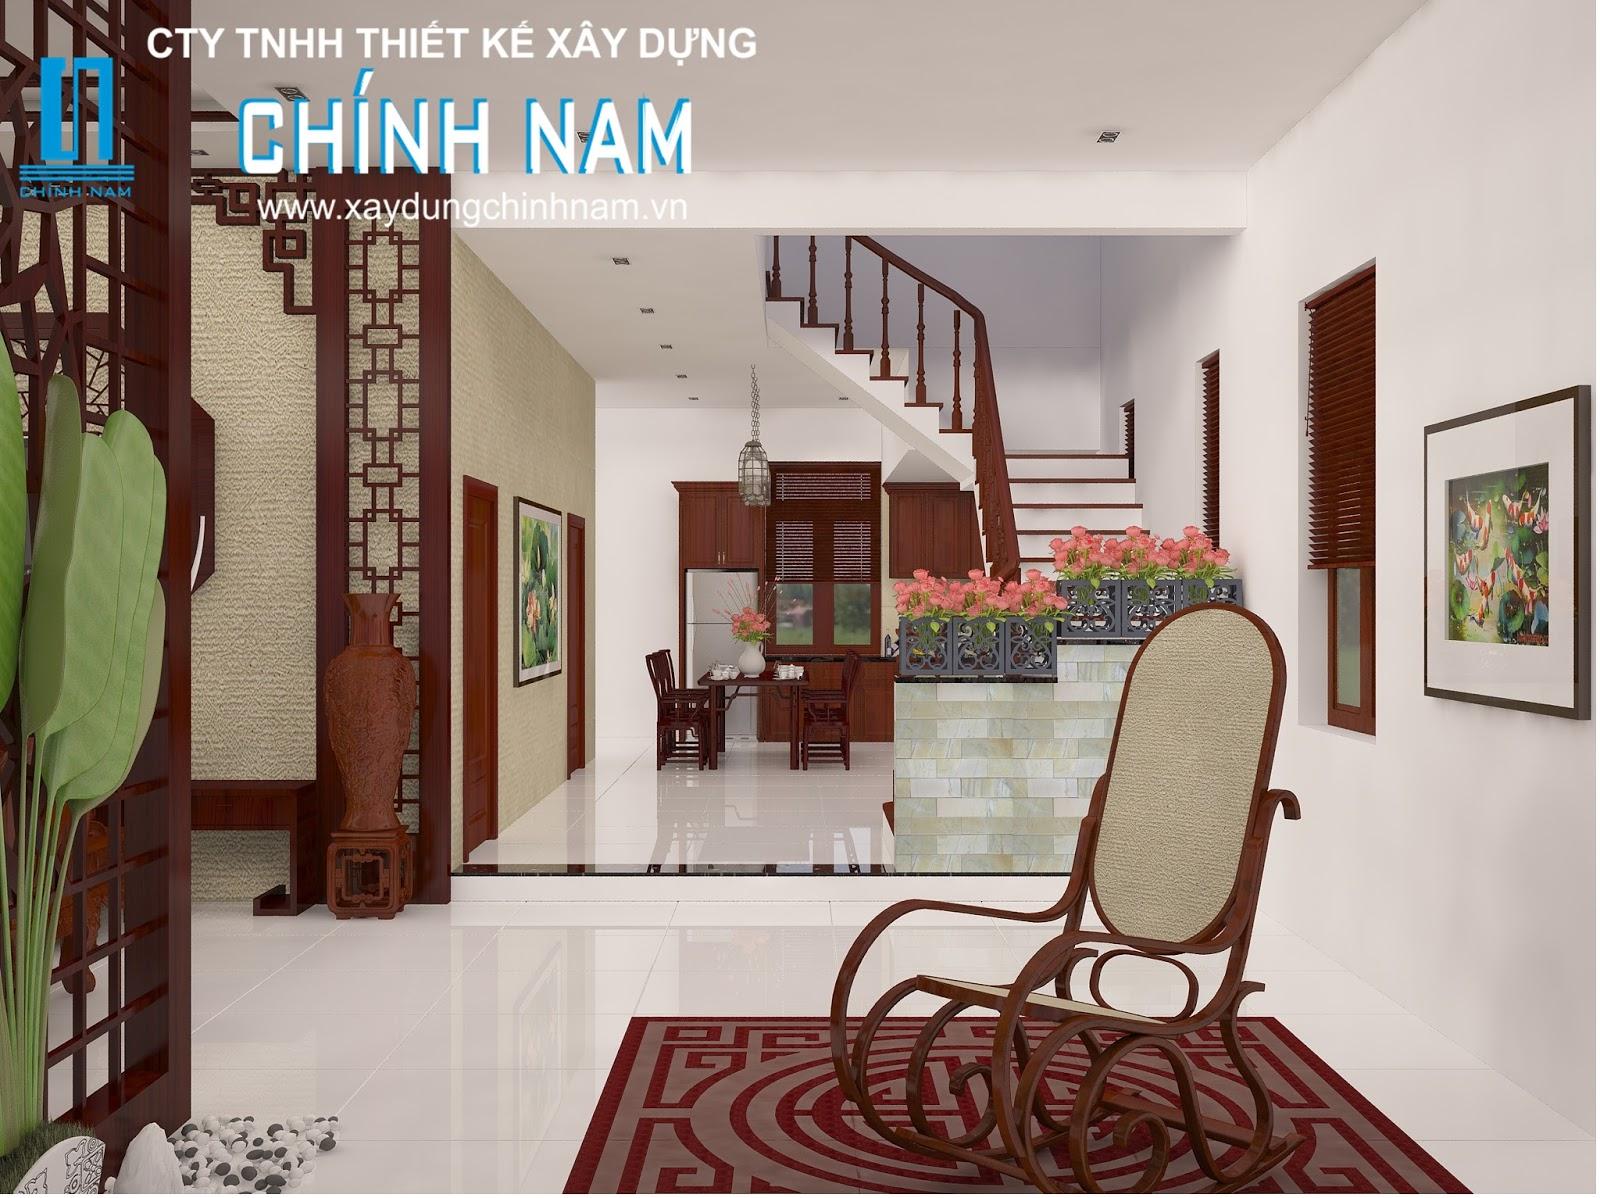 Thiết kế nội thất ở Đồng Nai